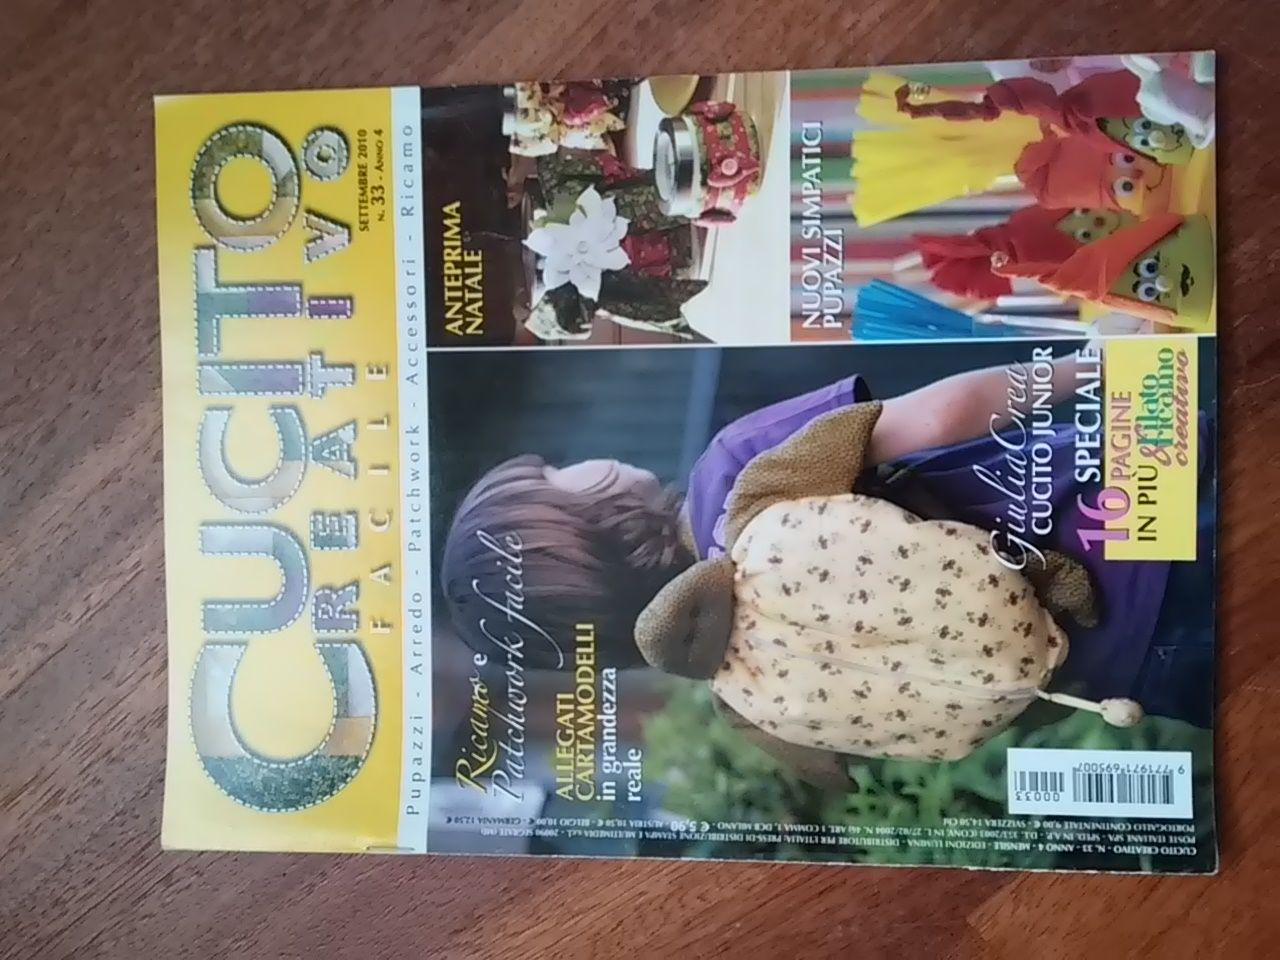 cf93c9a9ecb4 Descrizione numero di rivista settembre 2010 con cartamodelli